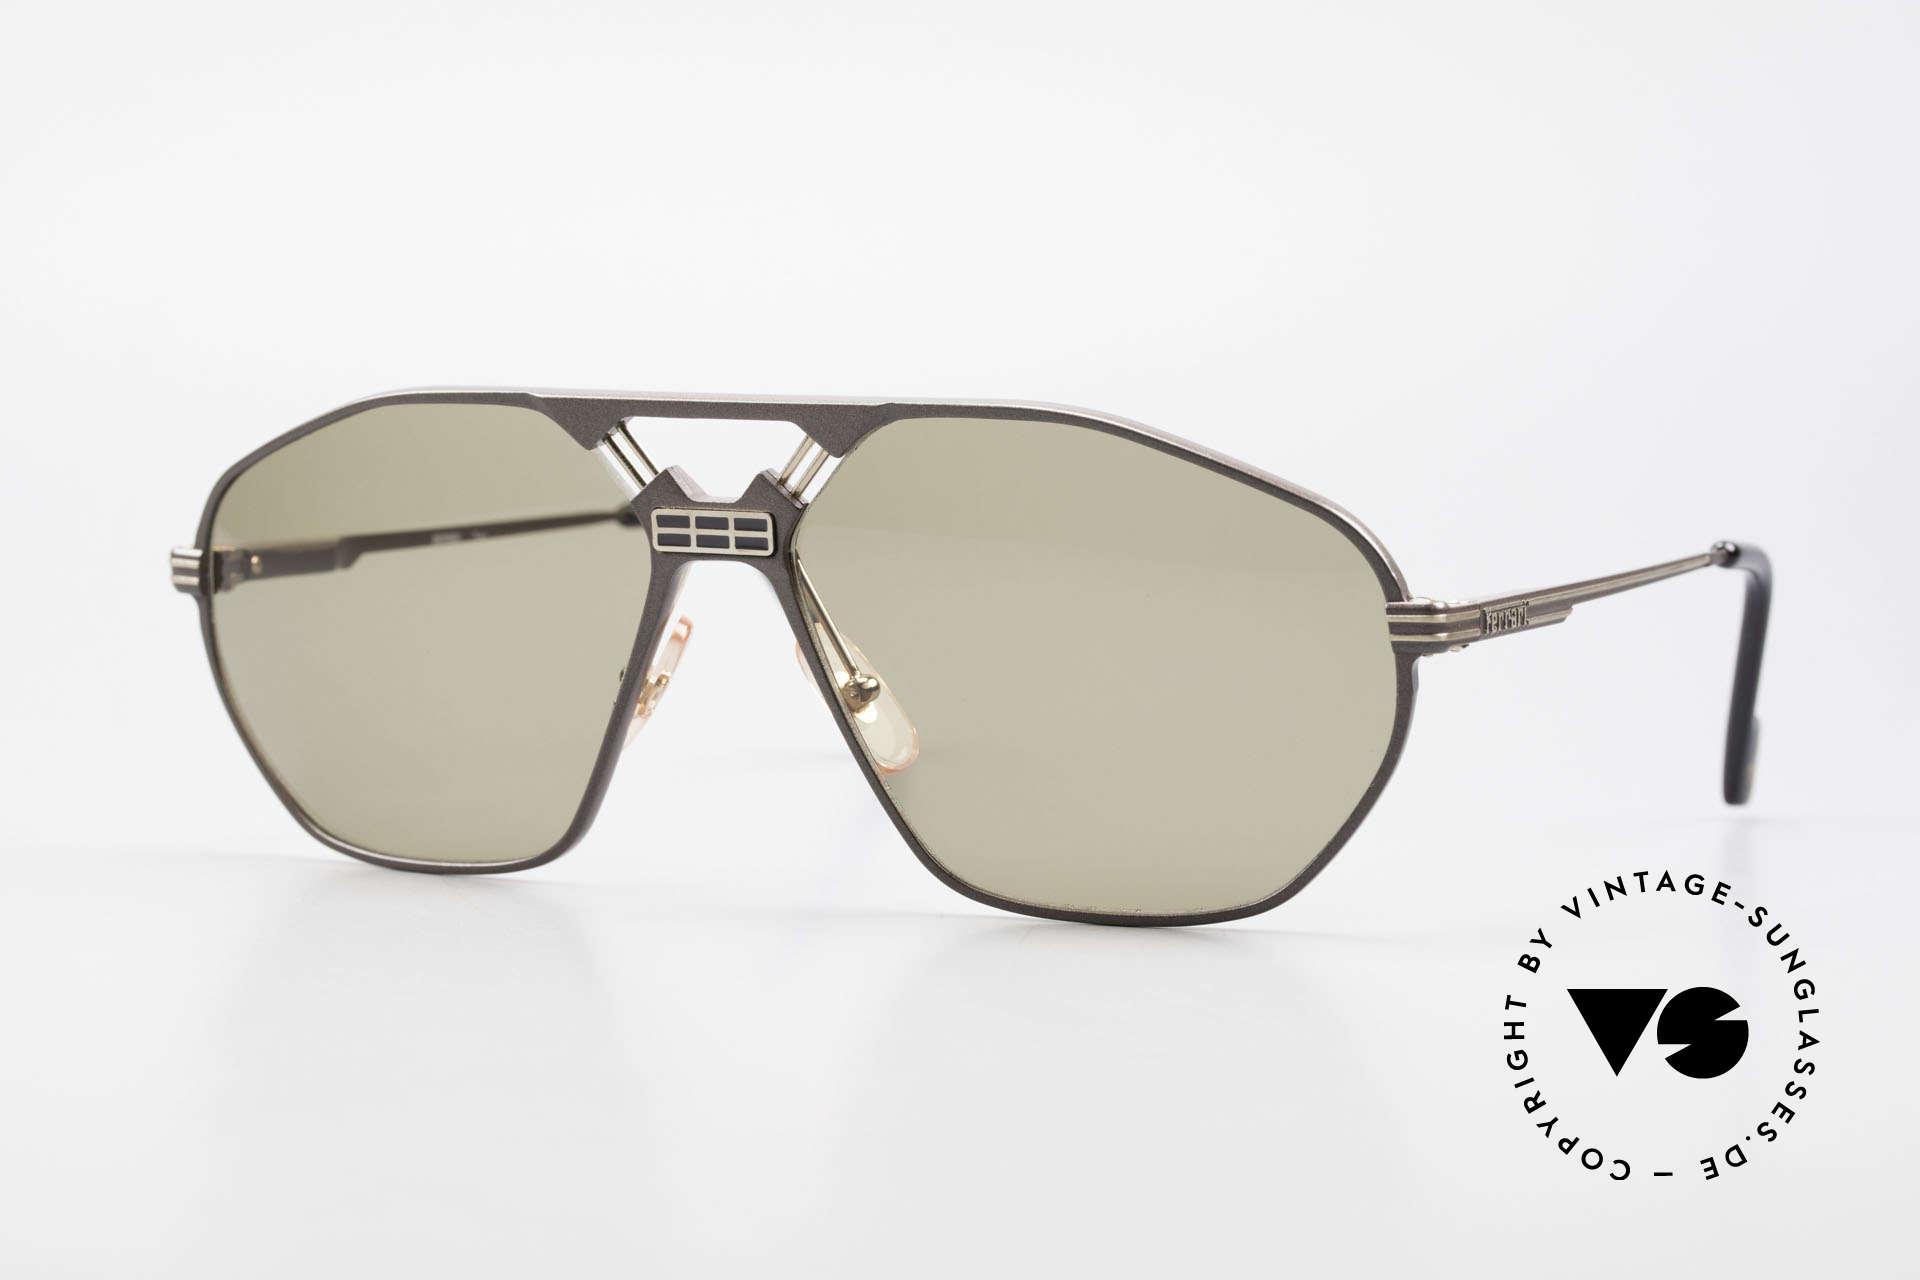 Ferrari F22/S XL Luxus Sonnenbrille Herren, luxuriöse Ferrari vintage Sonnenbrille der 1990er, Passend für Herren